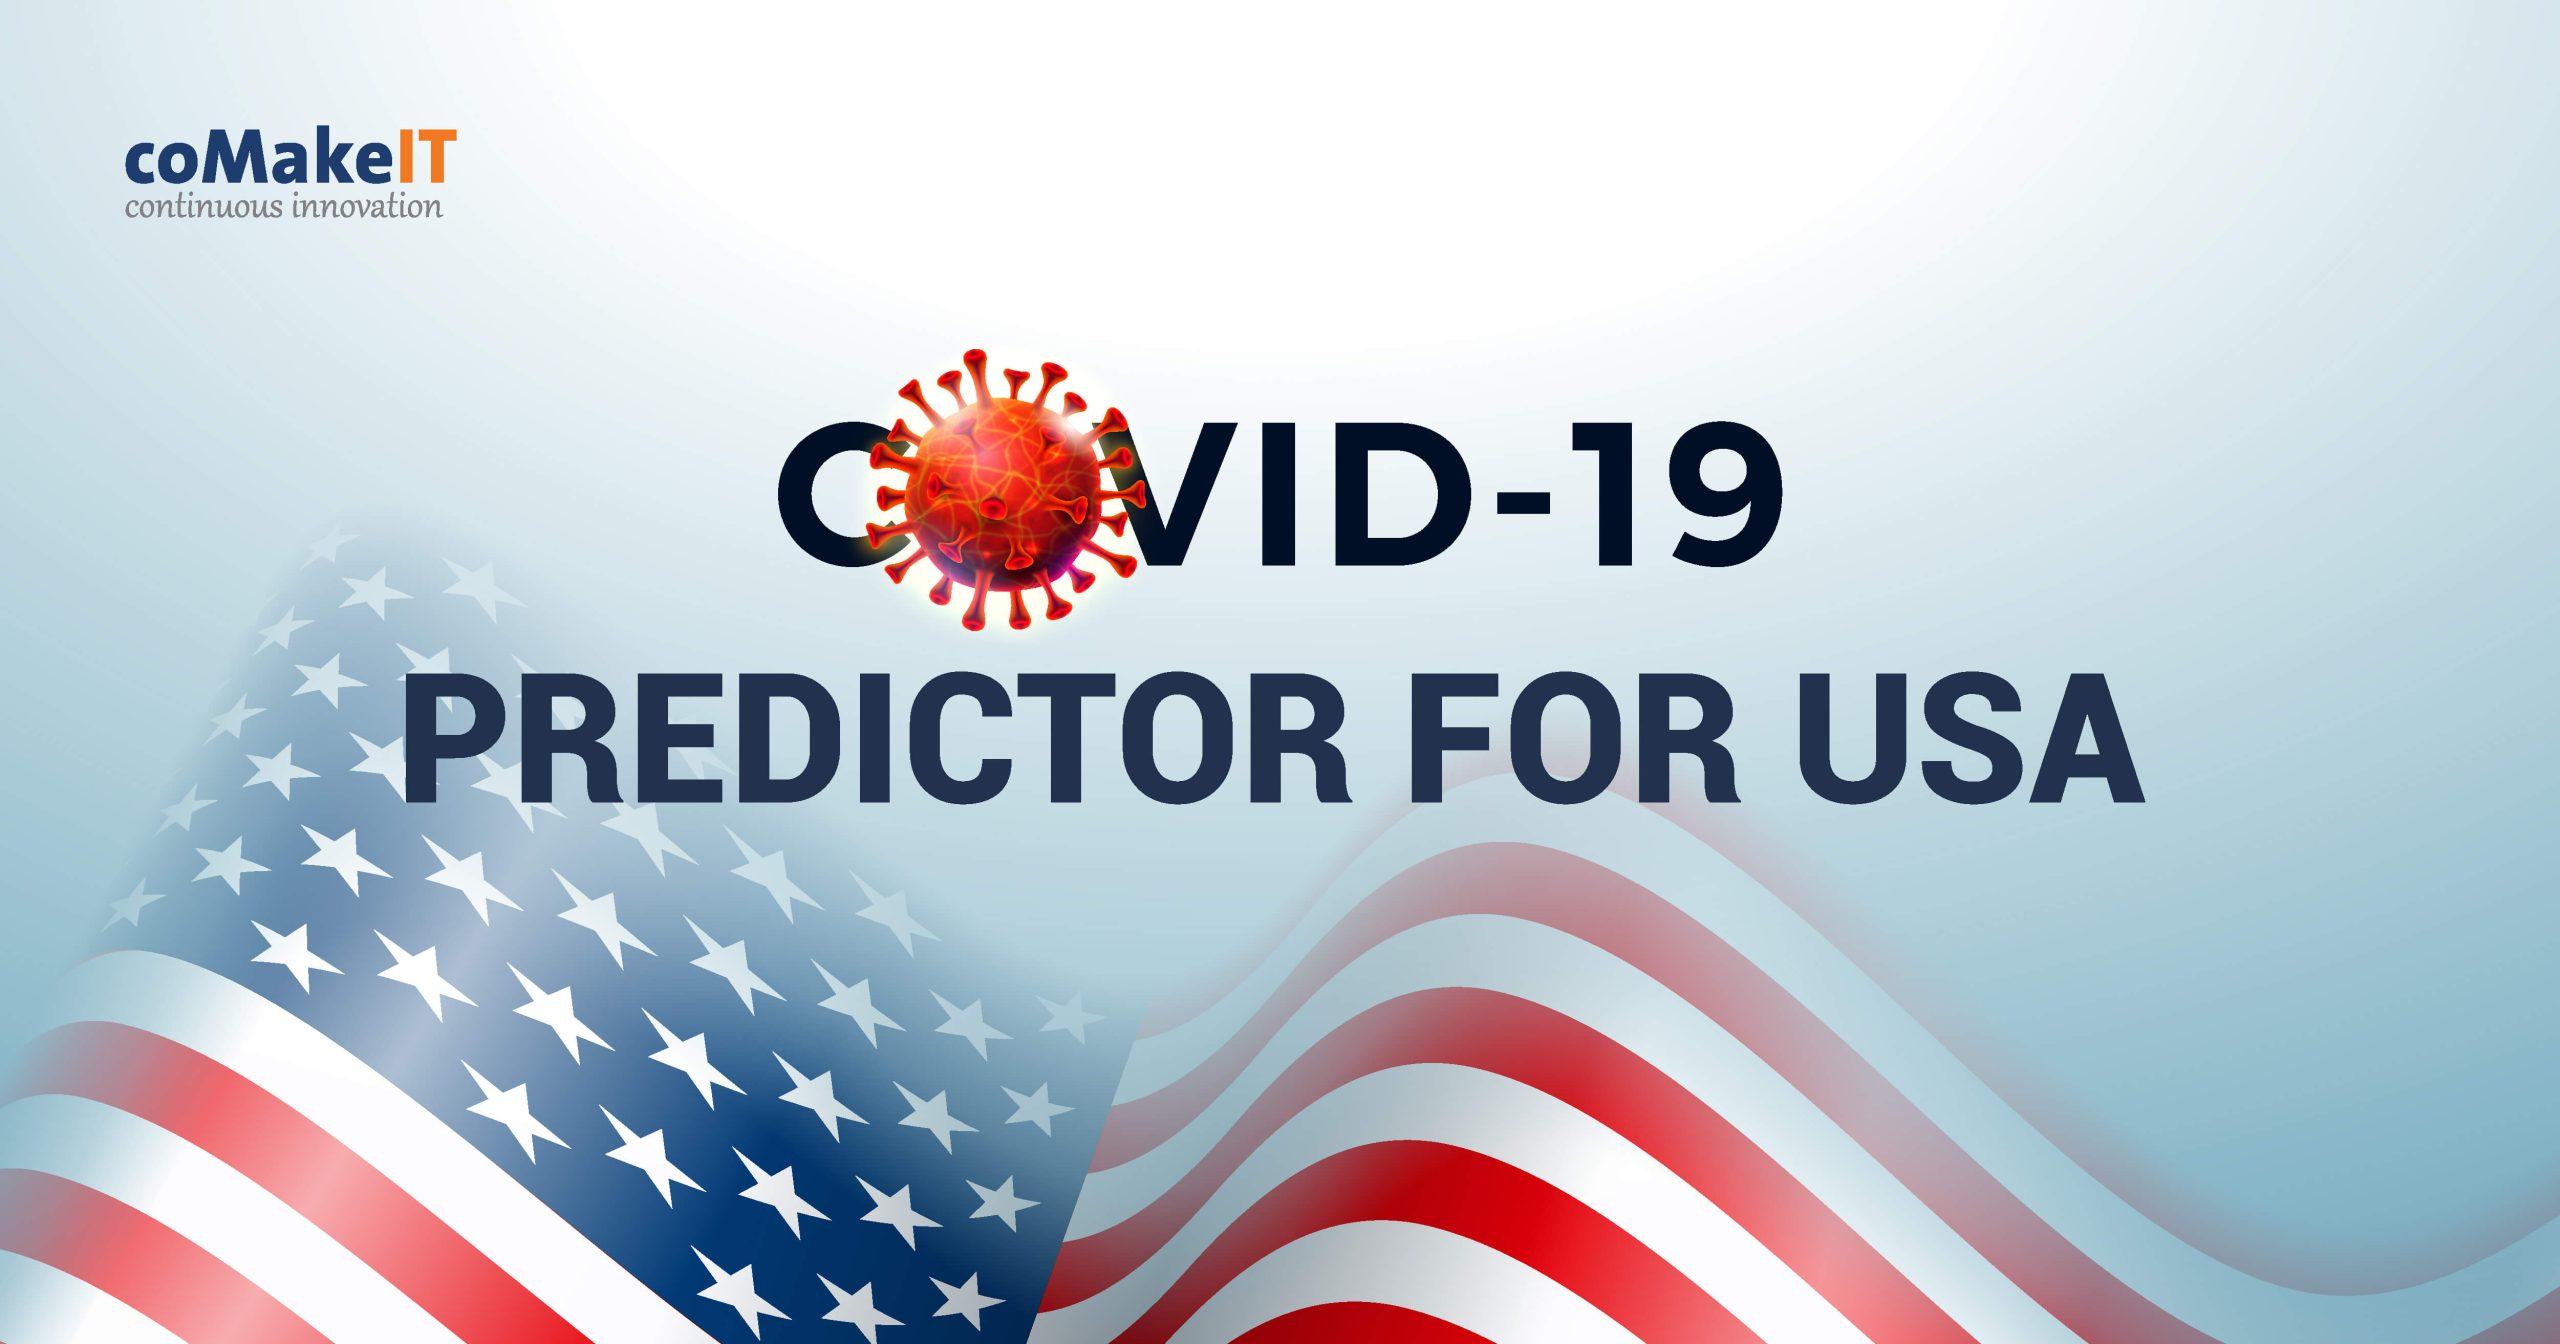 COVID-19 Predictor